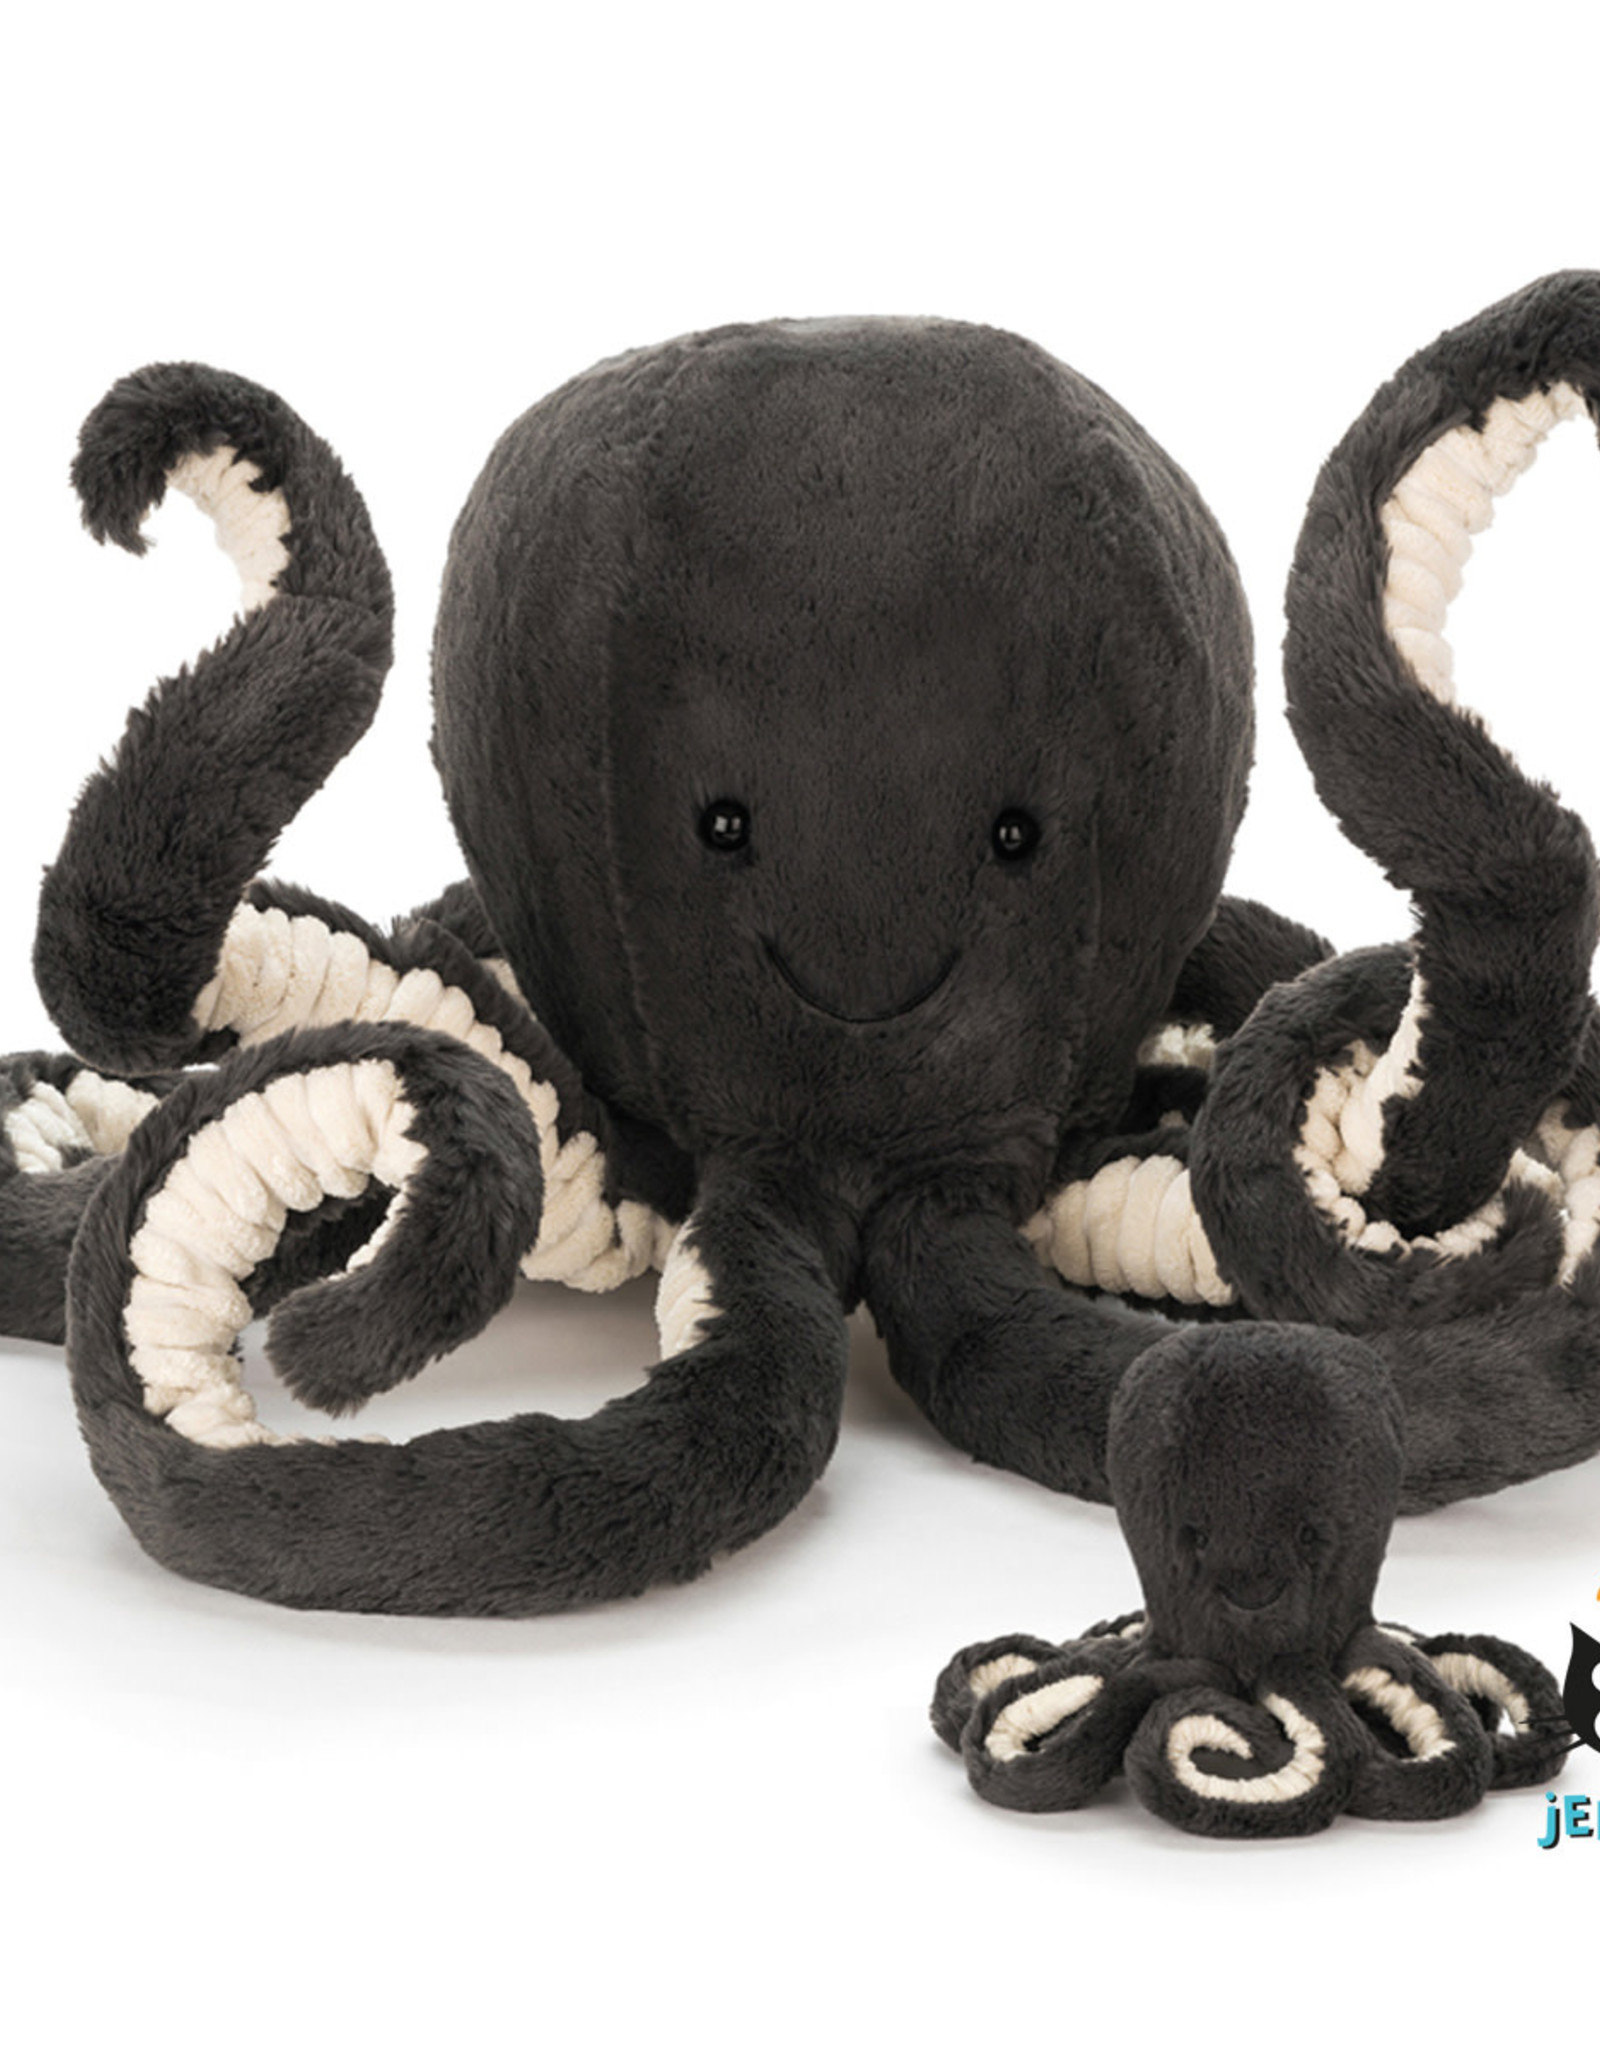 JellyCat Jellycat Inky octopus